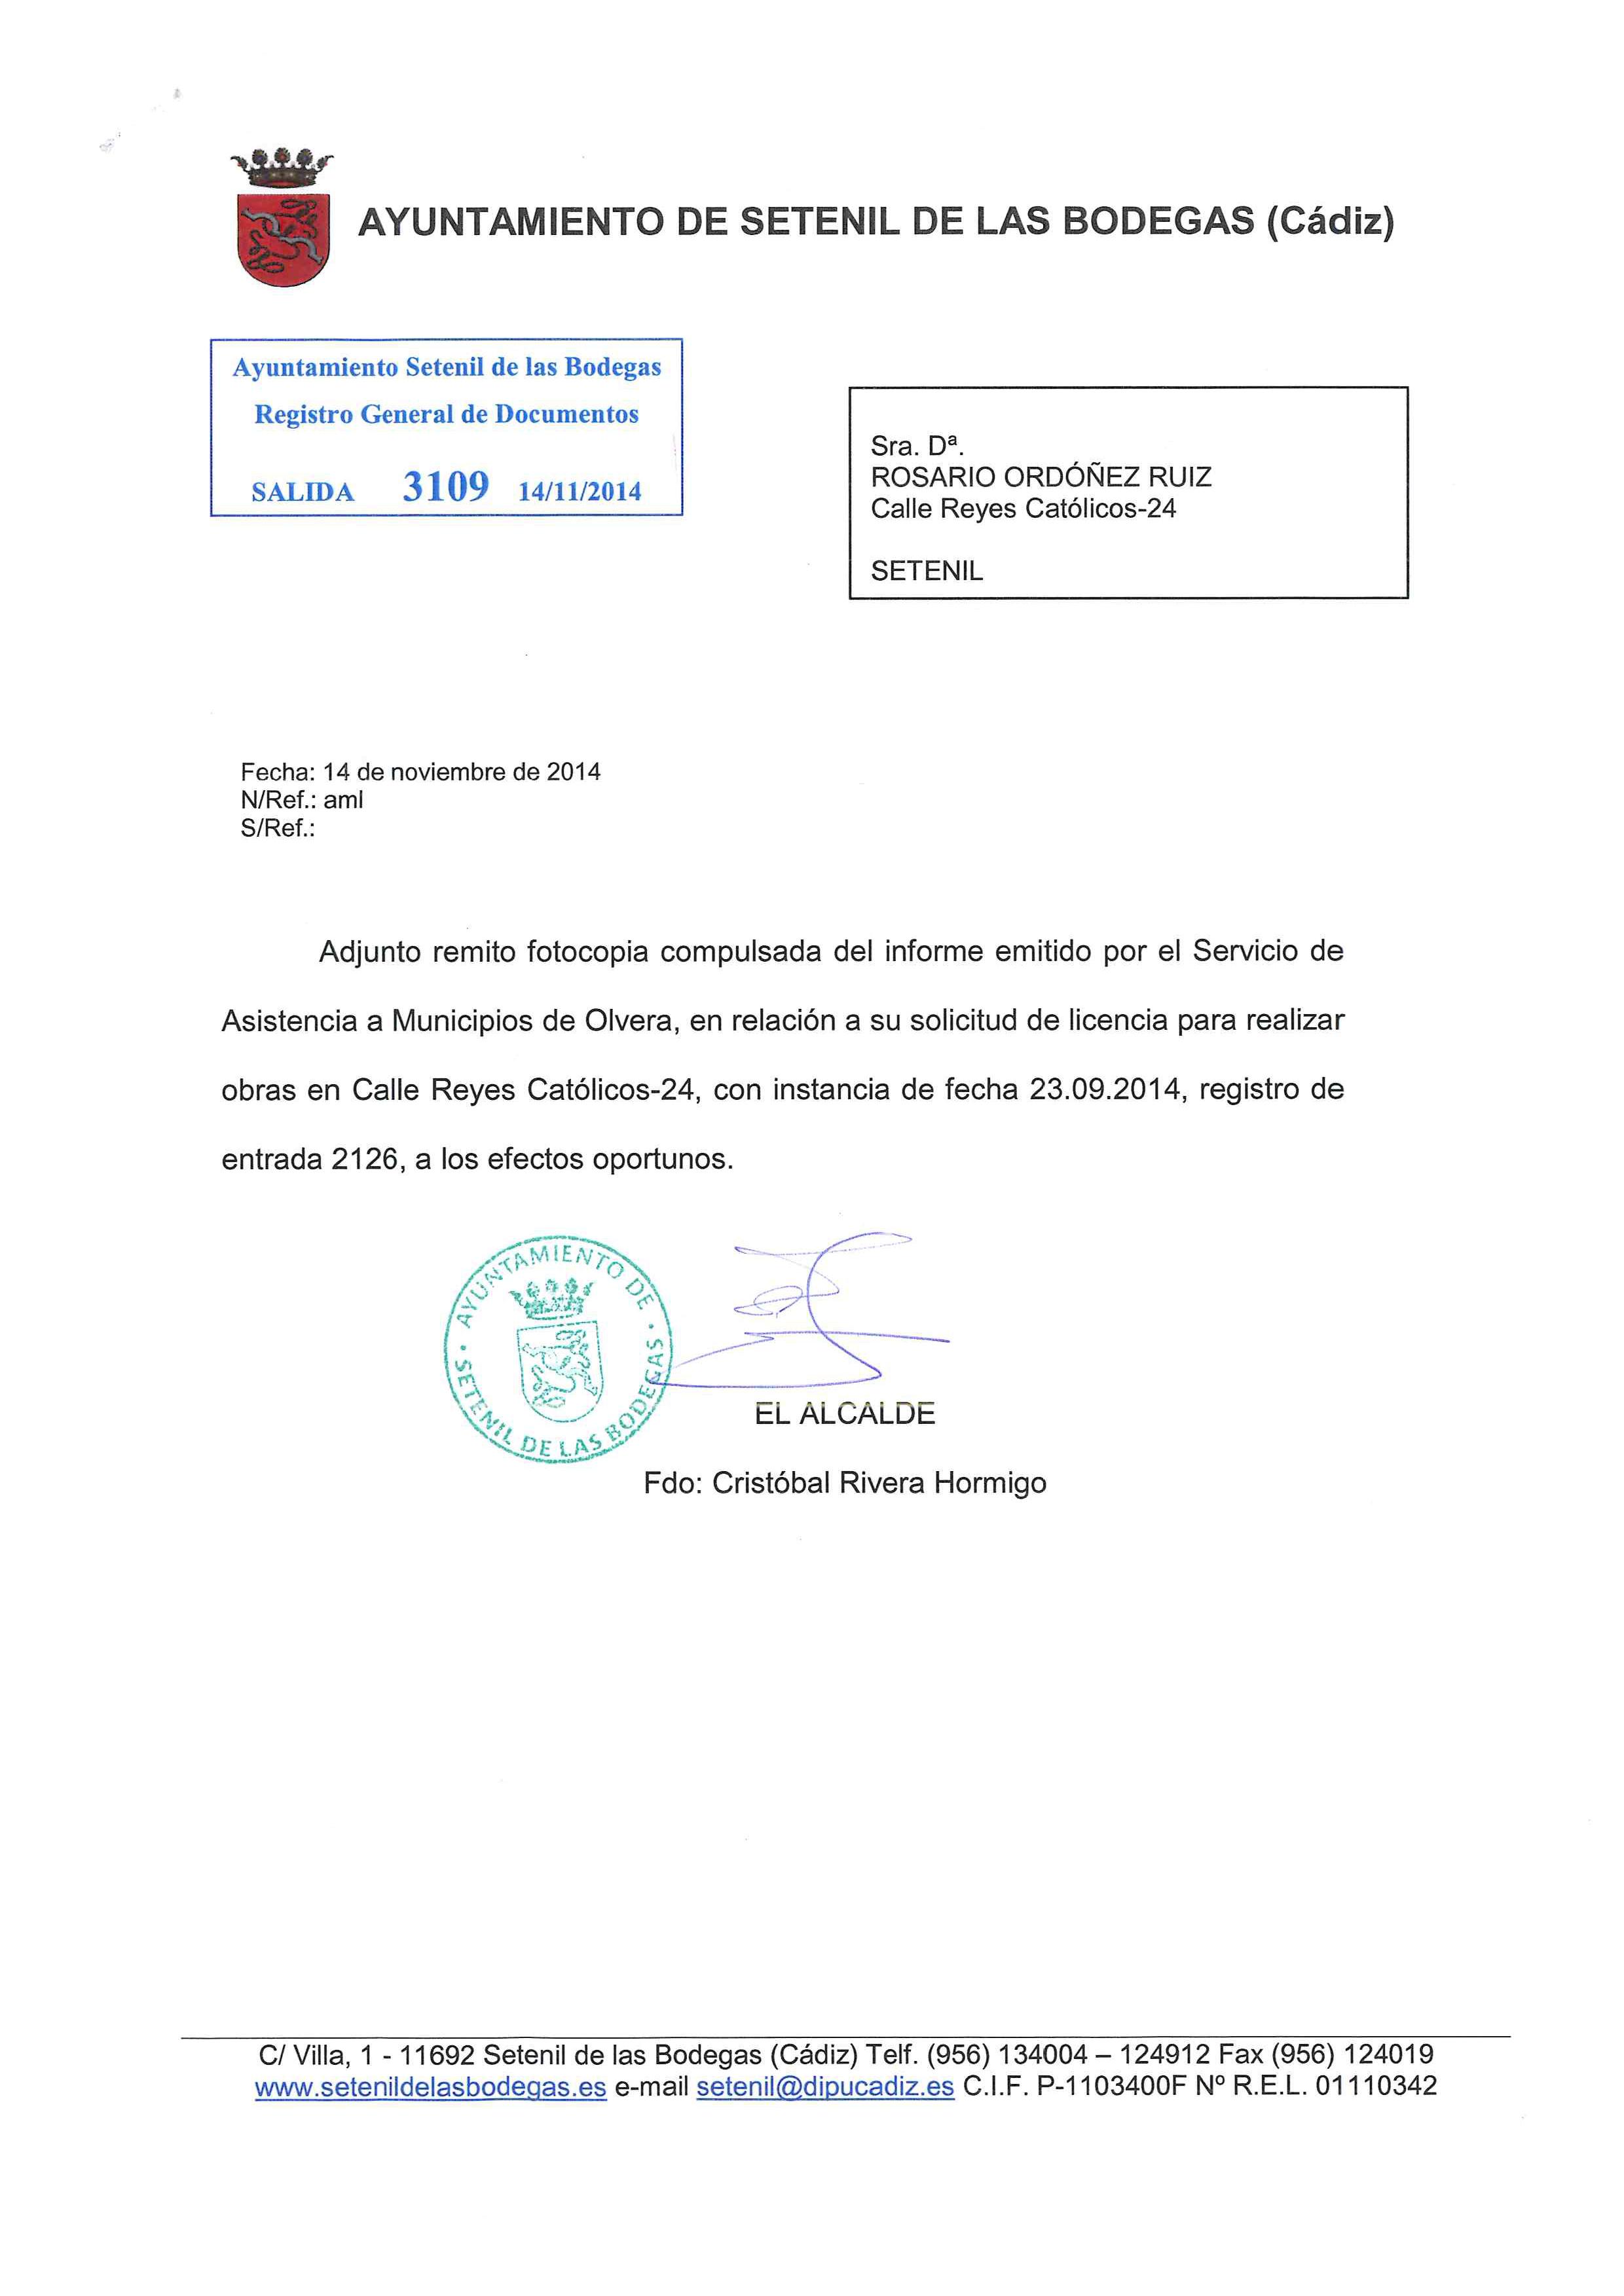 Carta del Ayuntamiento de Setenil a Rosario Ordóñez.